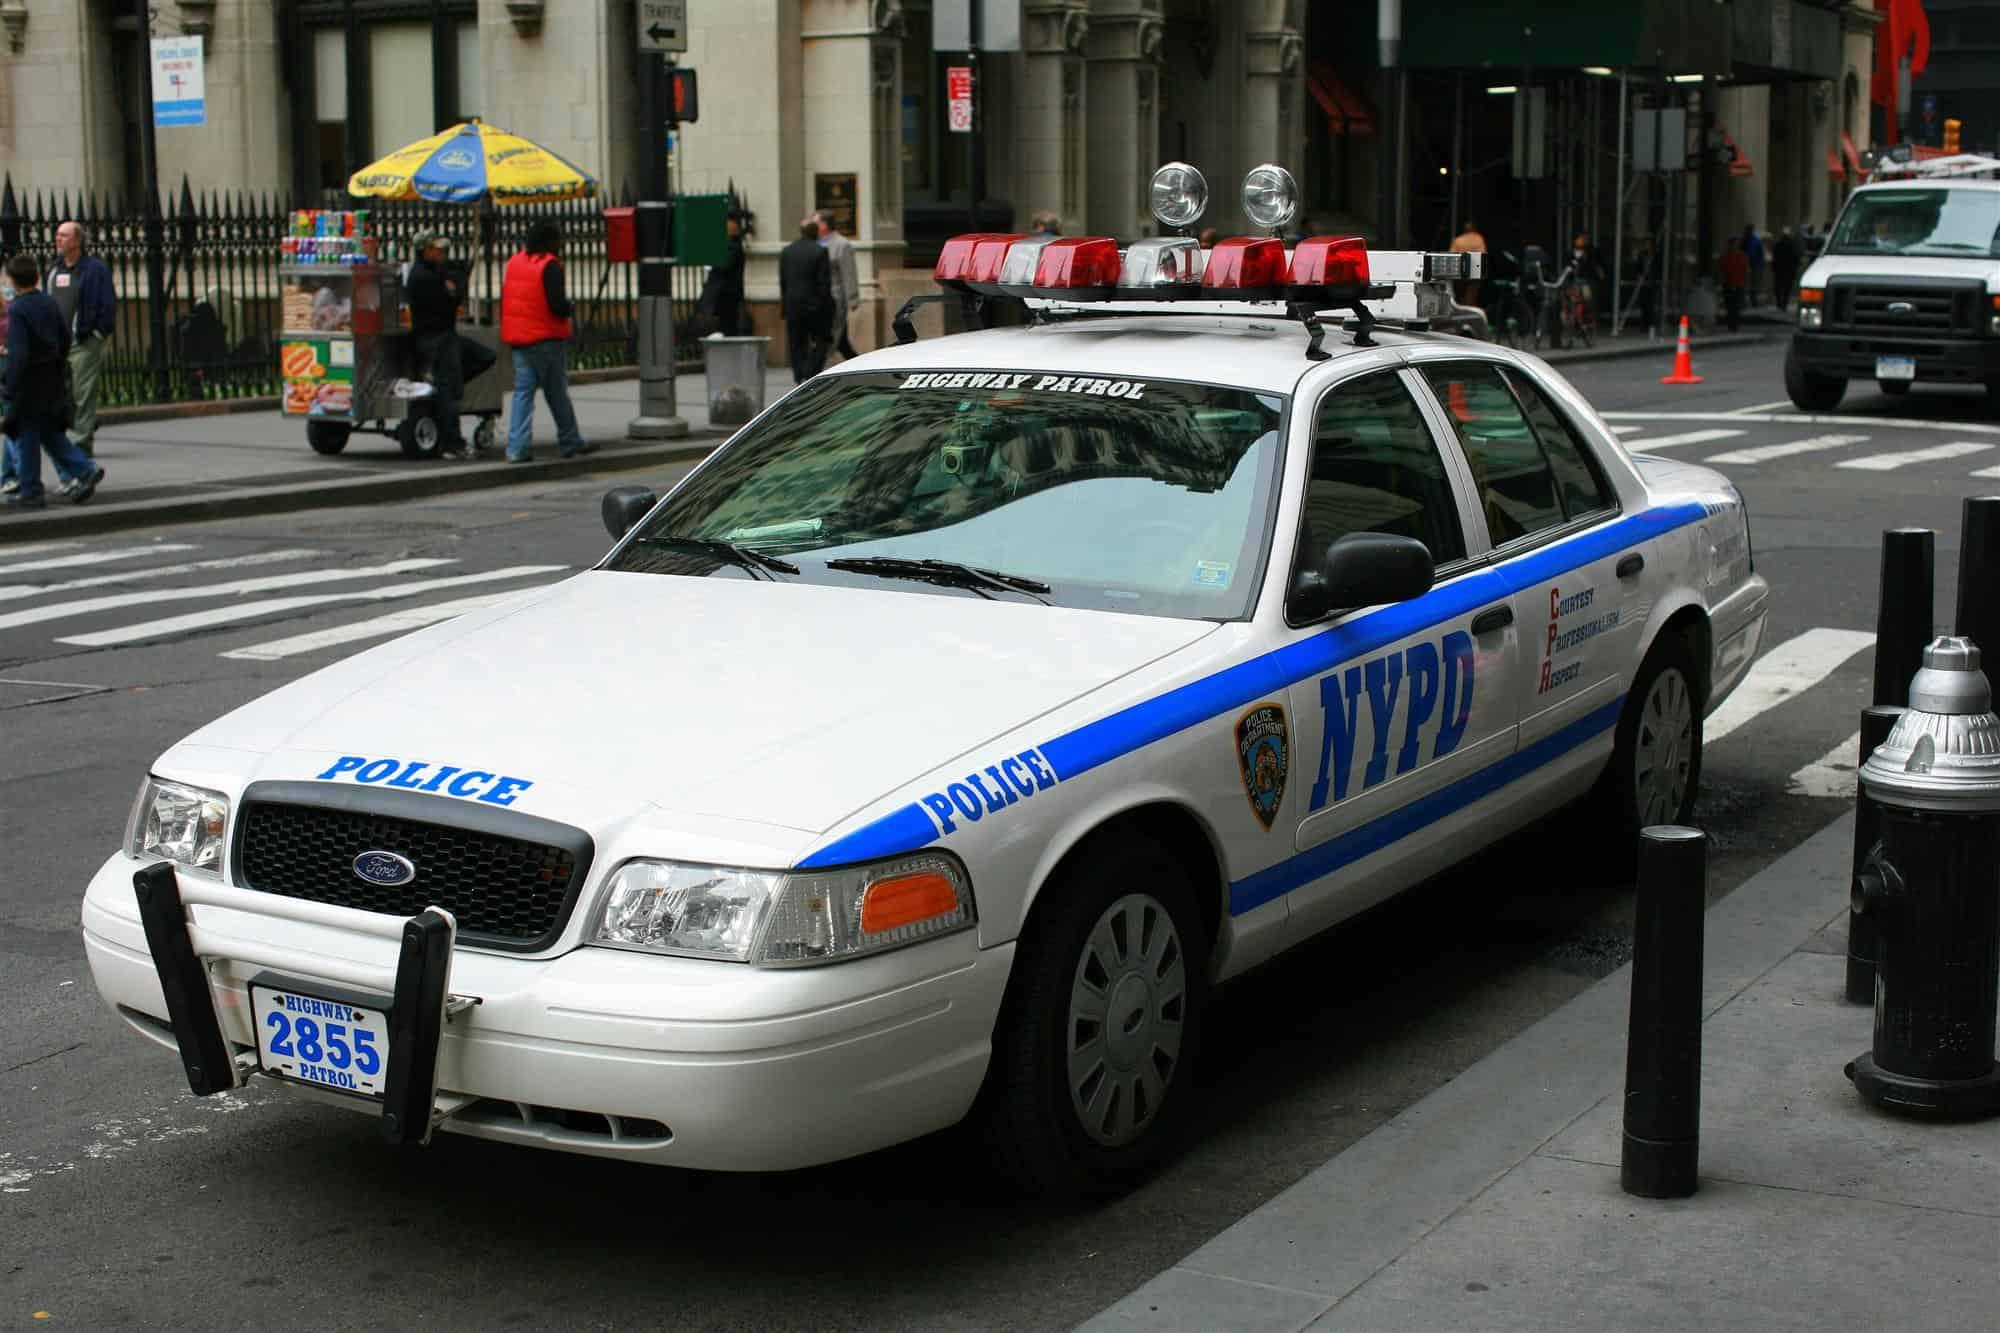 La revue en ligne The Smoking Gun rapporte des faits s'étant déroulés le 2 février dernier à New York, tôt le matin. Vers 3h20, la police d'Albany s'était déplacée sur les lieux d'une fête qui commençait à prendre de fâcheuses proportions. En effet, l'alcool coulait à flots et les participants à cette beuverie se montraient, […]